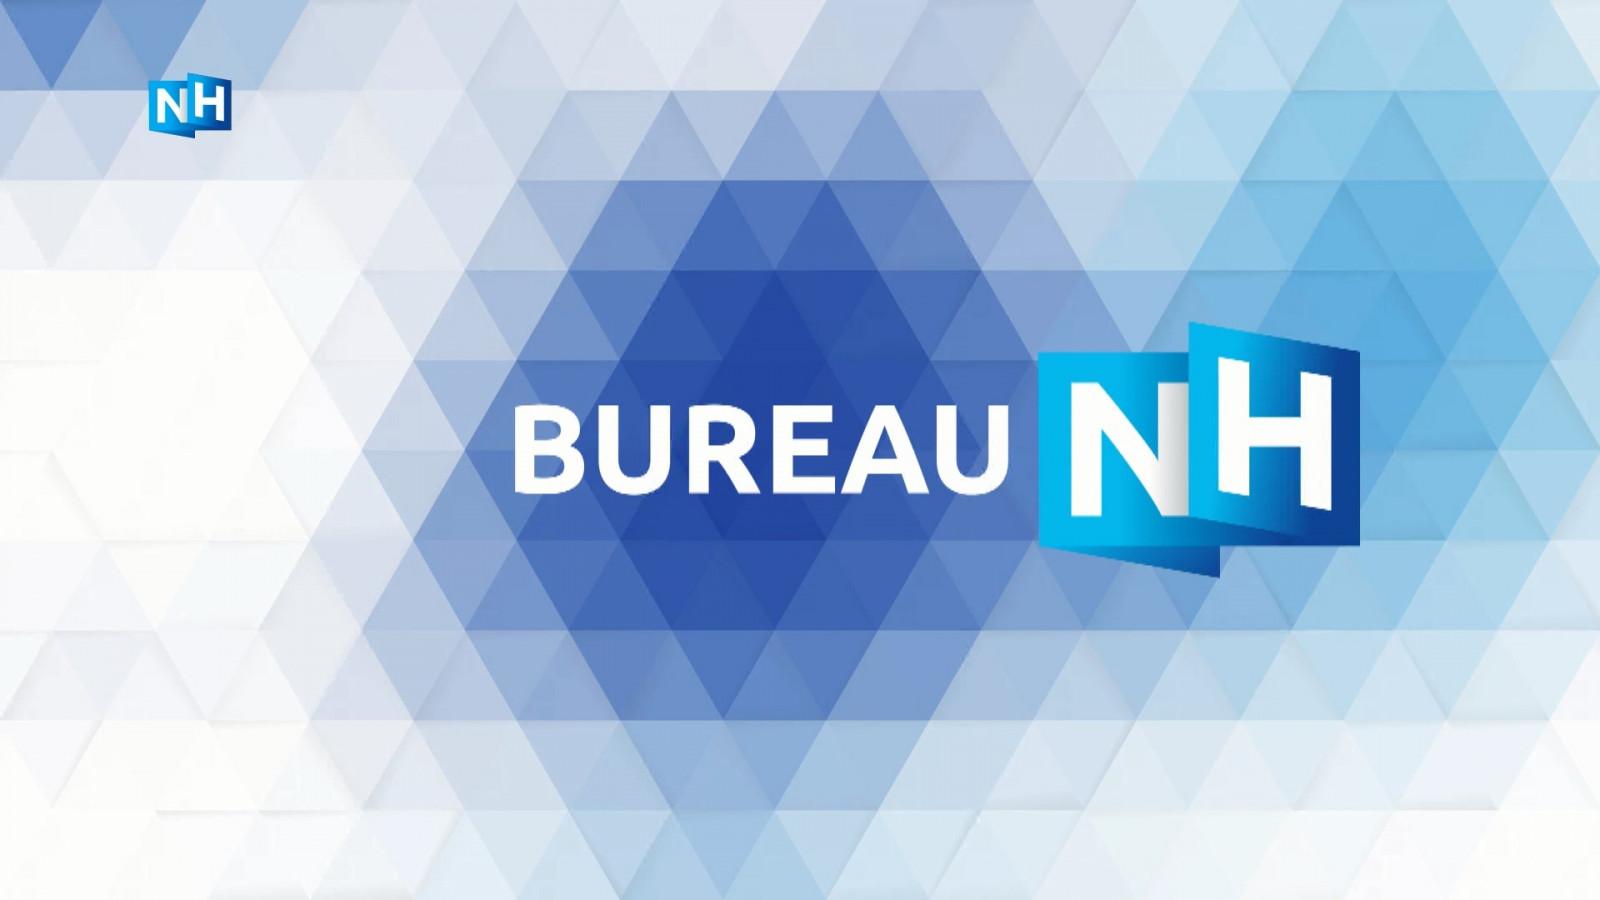 Bureau NH